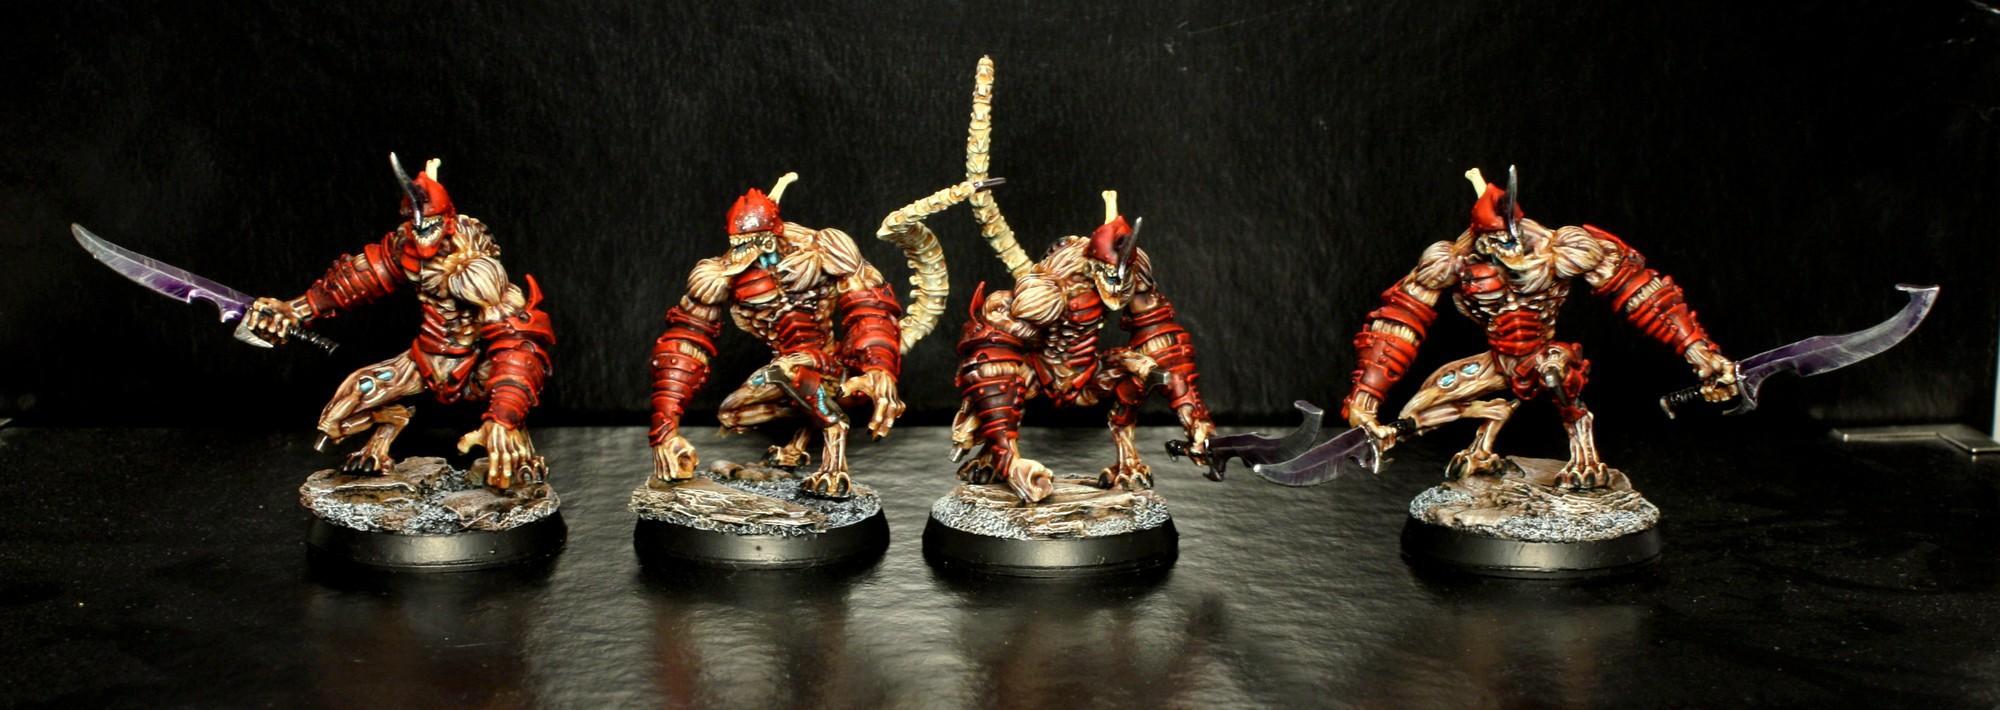 Clone, Confrontation, Dark, Eldar, Grotesque, Key, Nemesis, Red